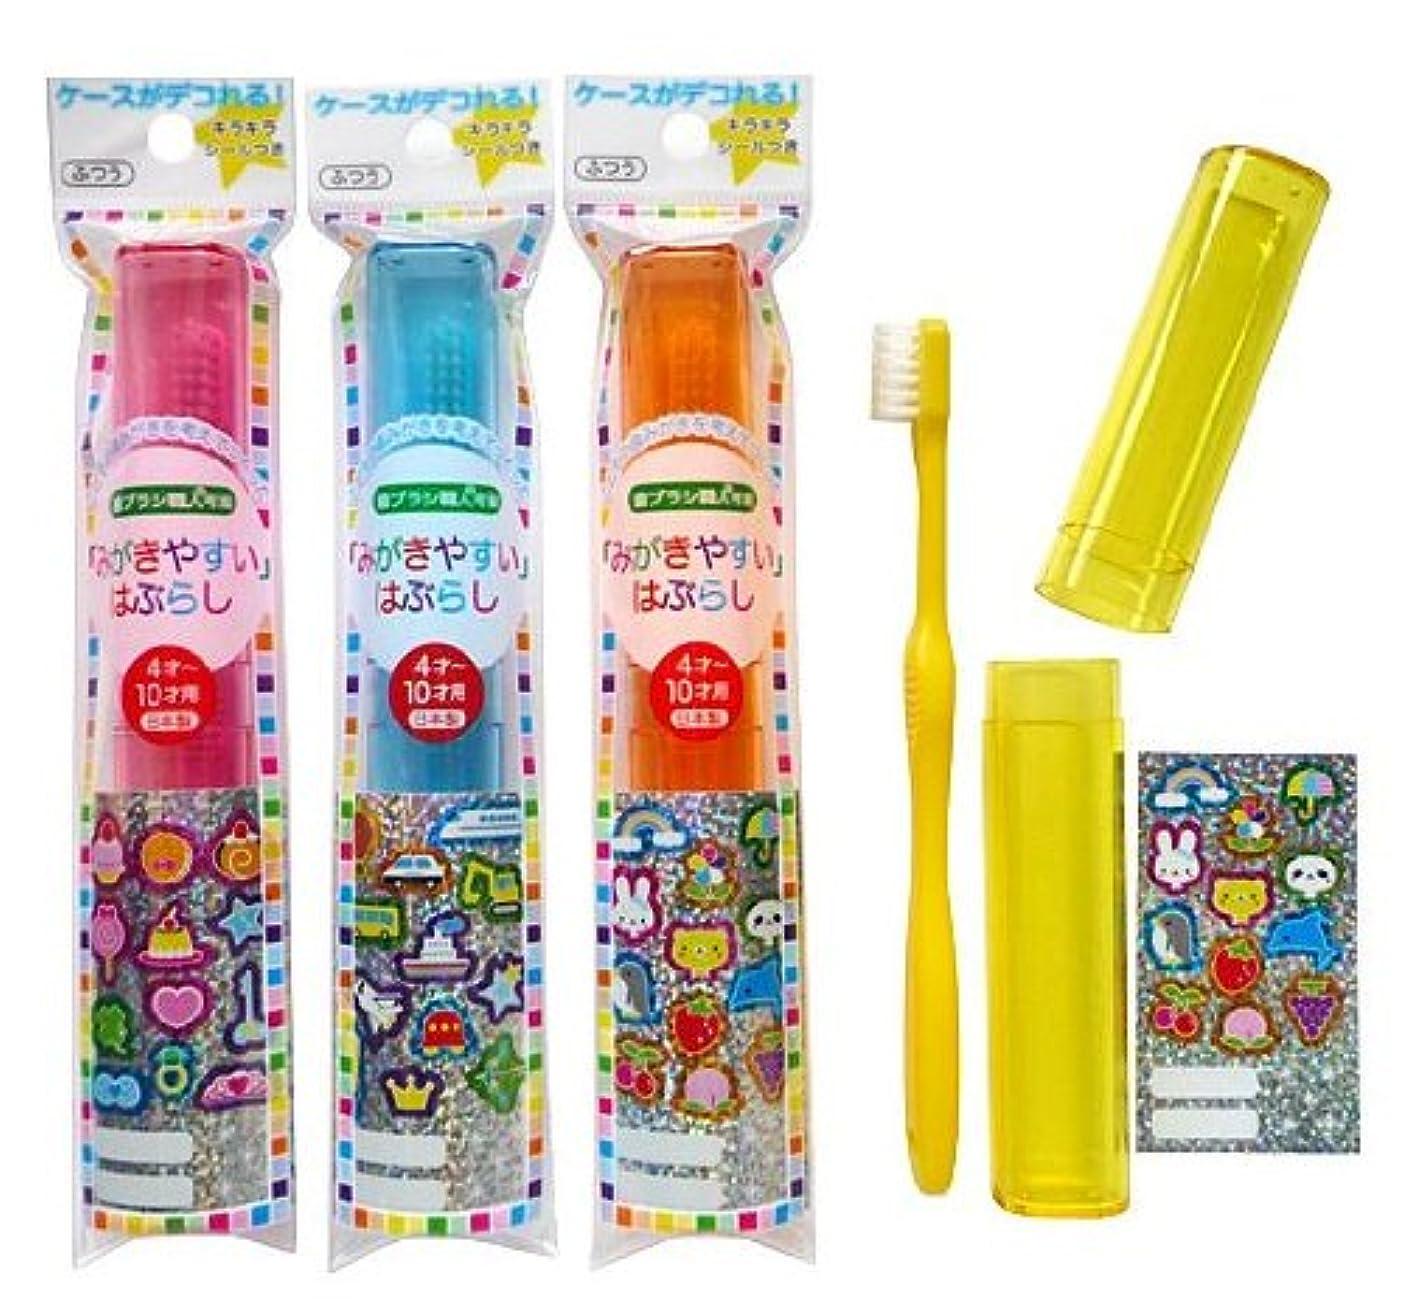 羽傷つきやすい最少ライフレンジ 磨きやすい歯ブラシ こども用ケース付き 12本